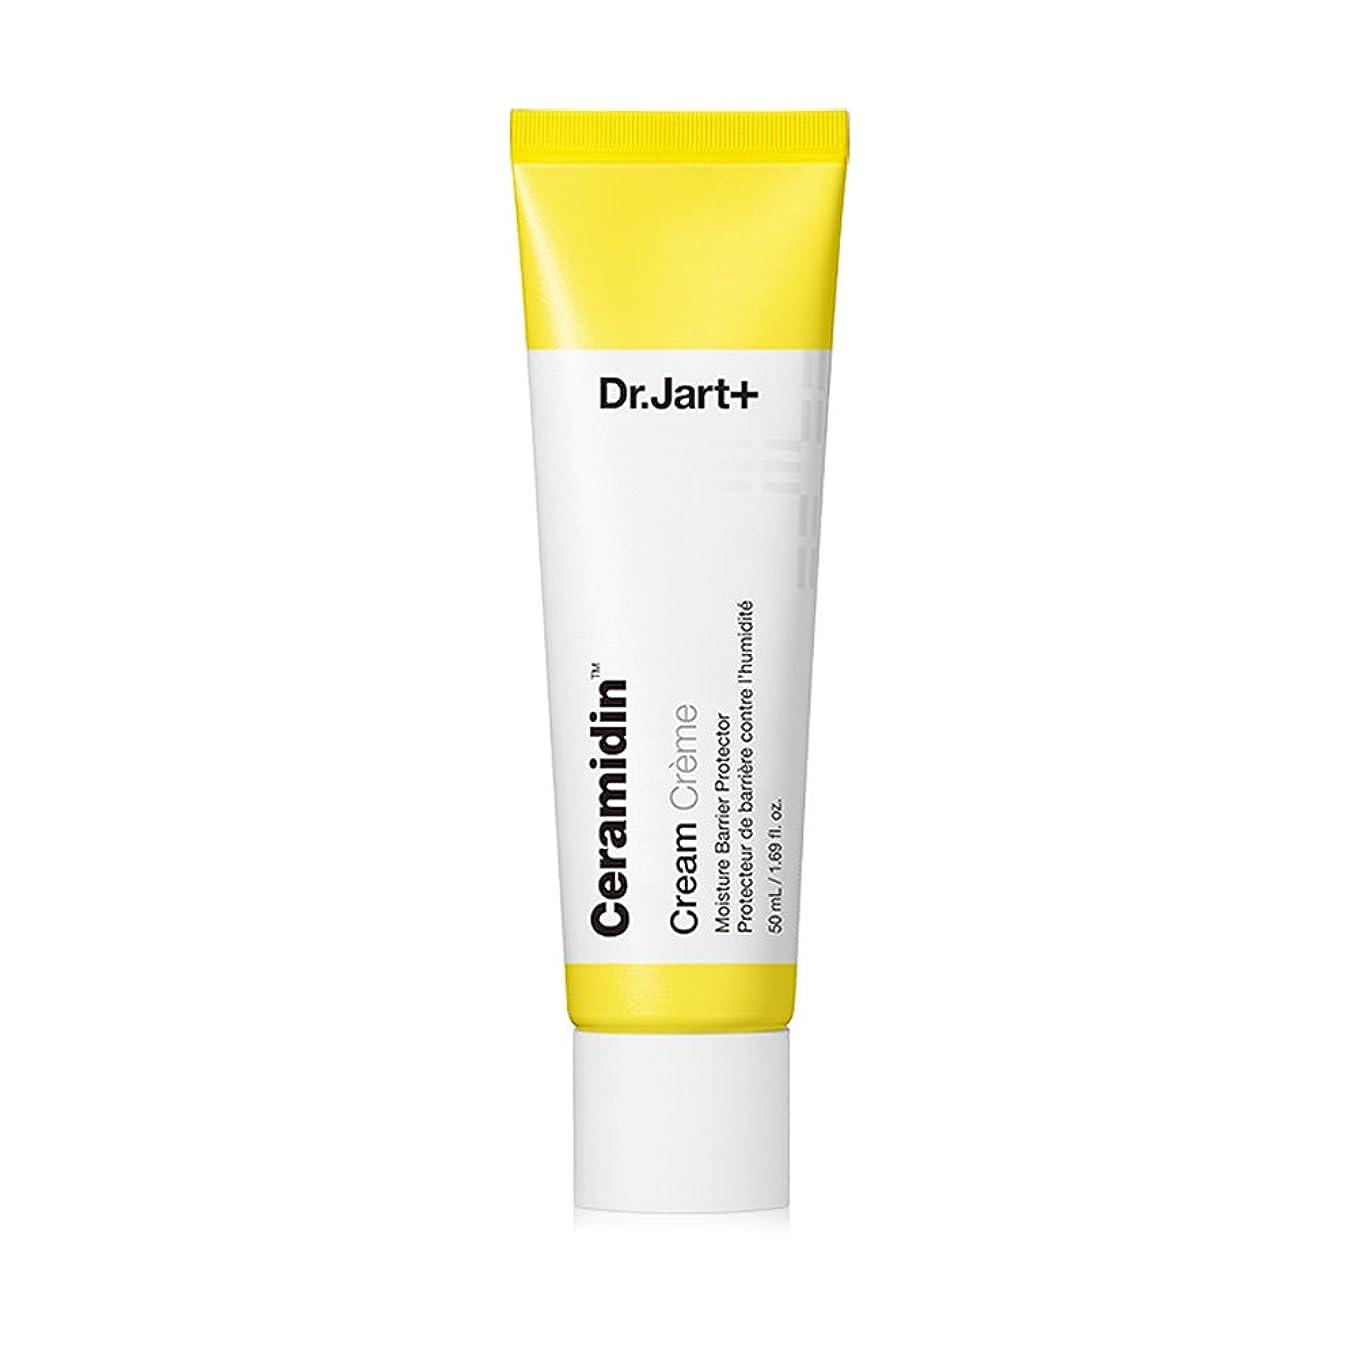 アンビエント失敗オーストラリア[Dr.jart + New Ceramidin Cream 50ml] ドクタージャルトニューセラミーディン クリーム50ml